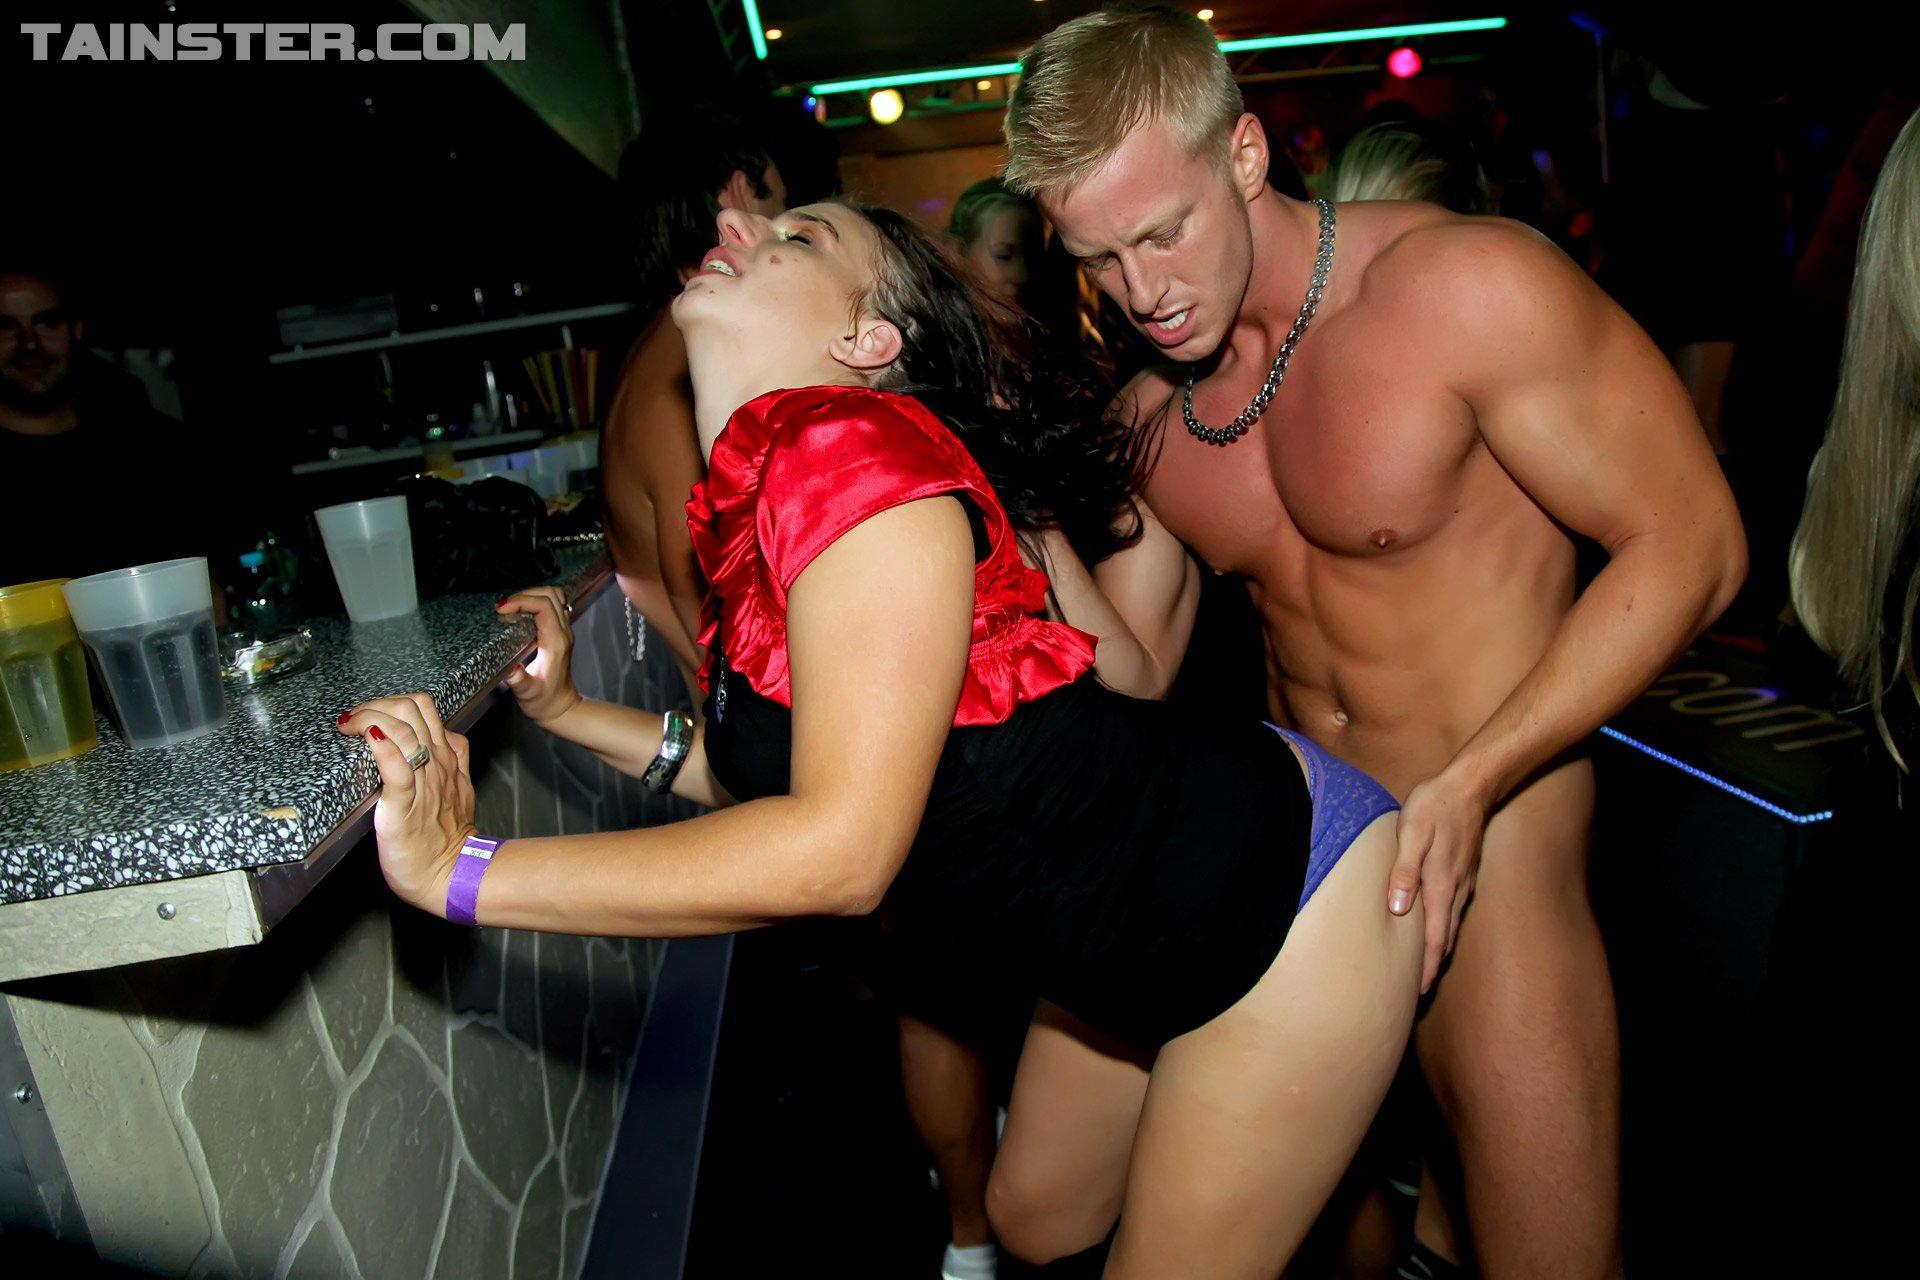 Drunk sluts fucking at parties xxx pics